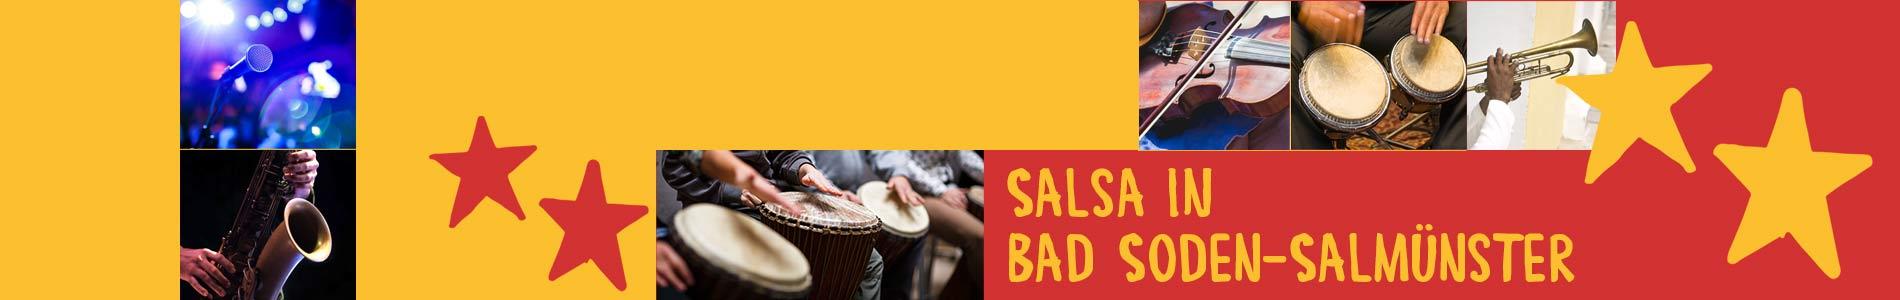 Salsa in Bad Soden-Salmünster – Salsa lernen und tanzen, Tanzkurse, Partys, Veranstaltungen